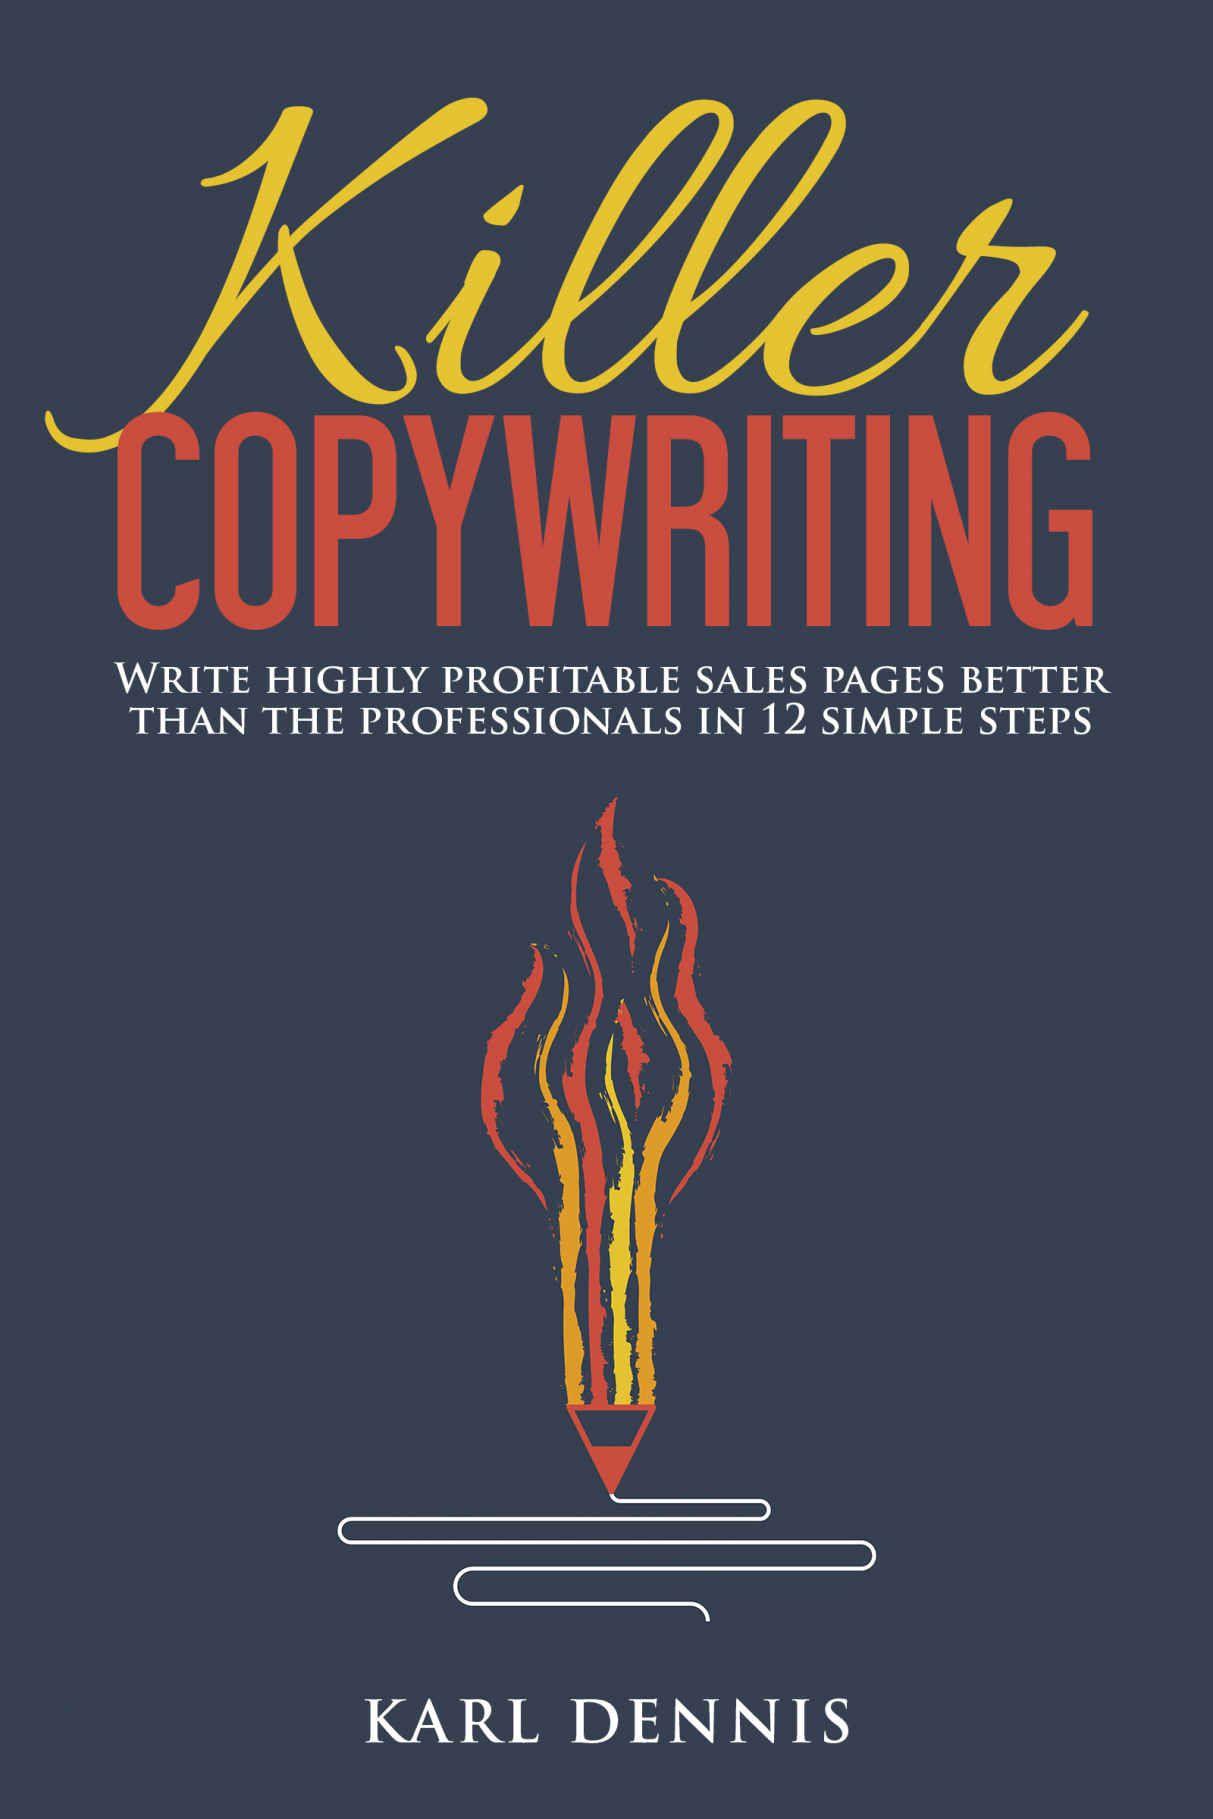 文案杀手 - Secret 12 step formula for writing copy that sells(Killer Copywriting)